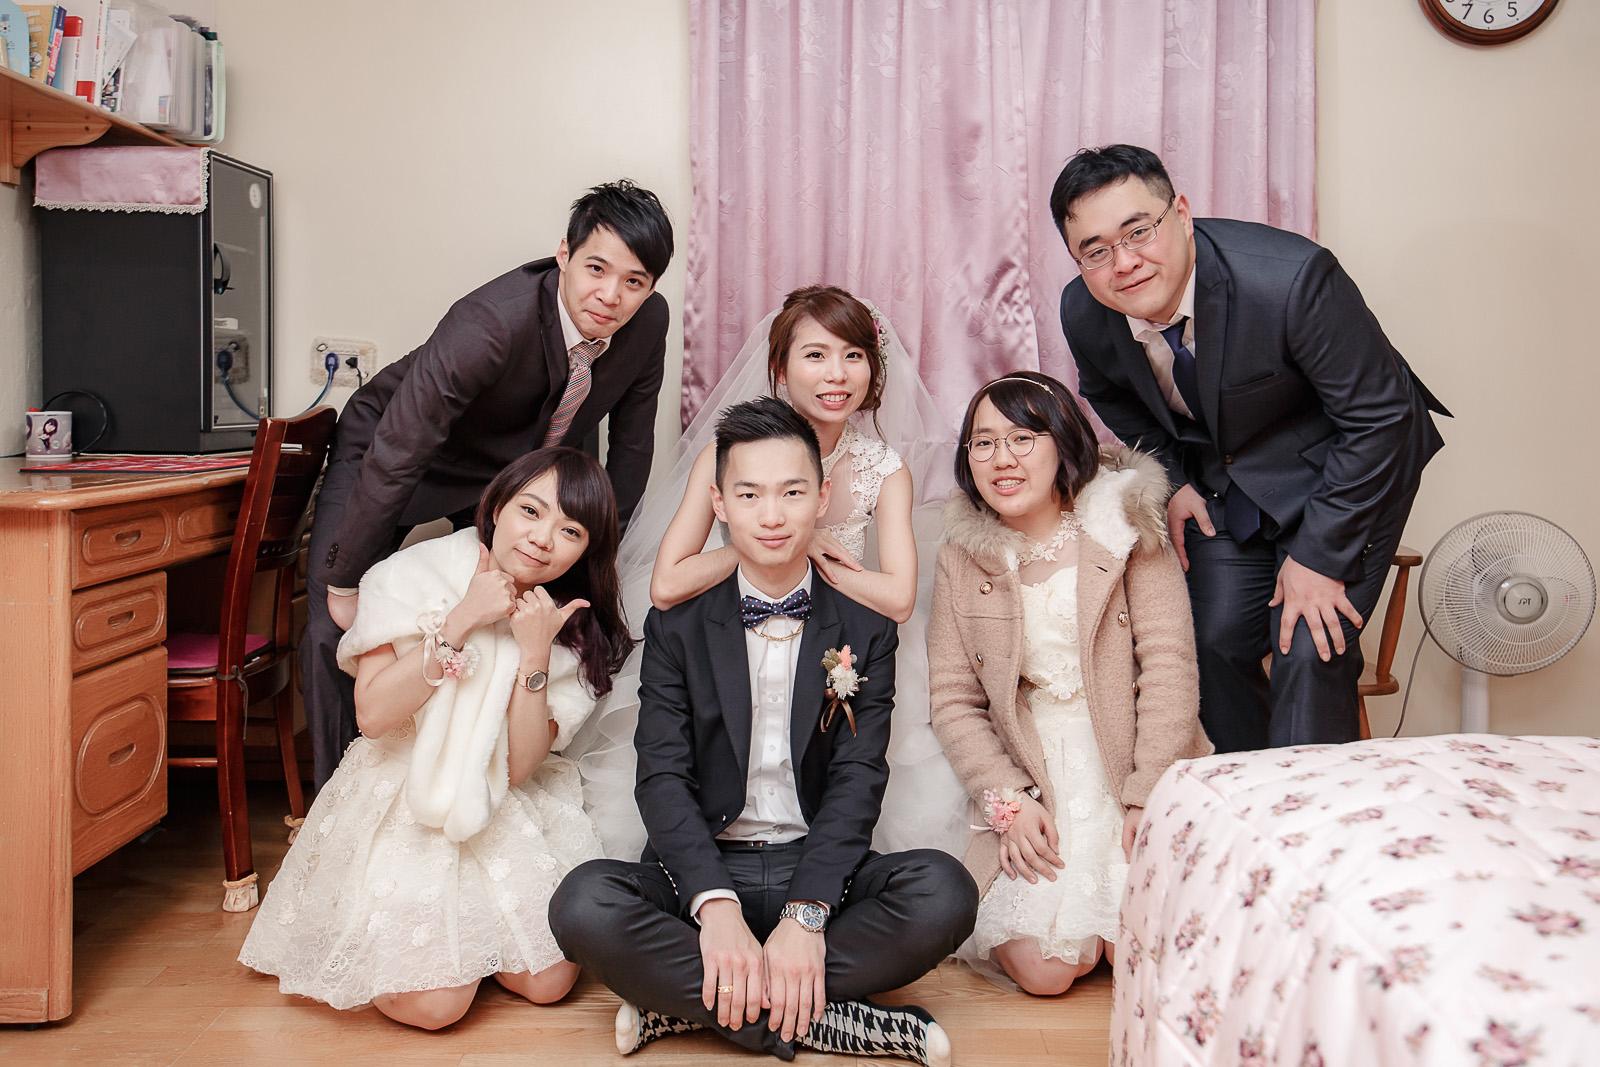 高雄圓山飯店,婚禮攝影,婚攝,高雄婚攝,優質婚攝推薦,Jen&Ethan-191